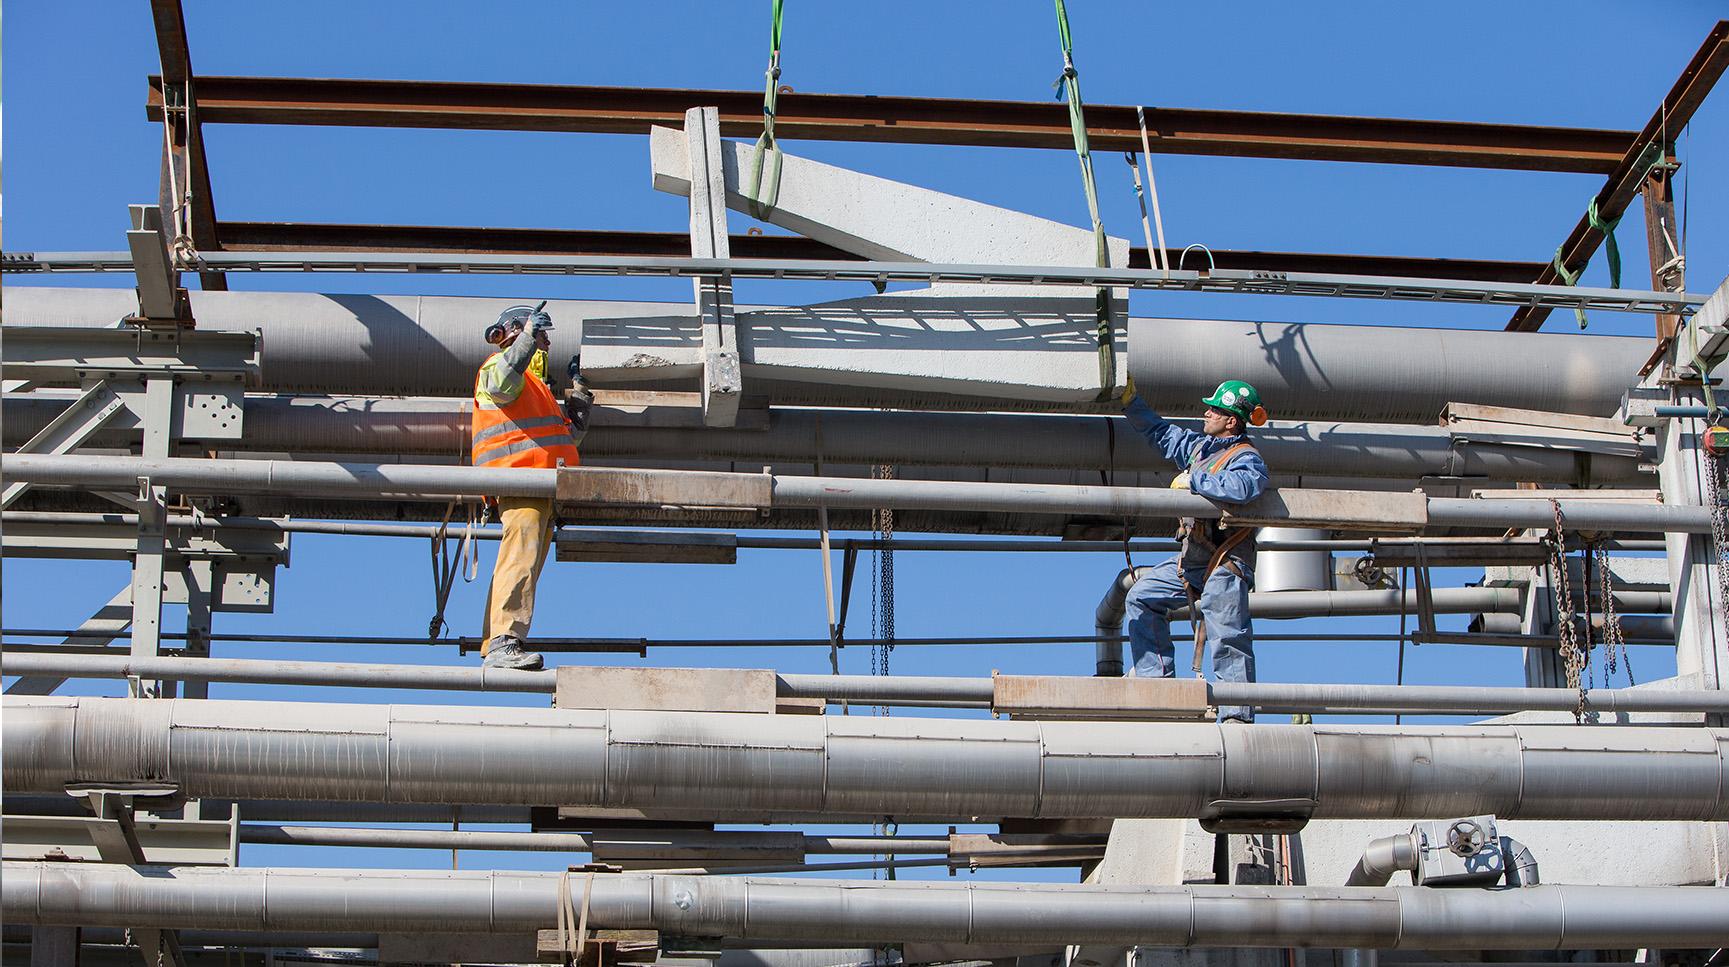 Teilrückbau Rohrbrücke: Ein geschnittenes Bauteil wird angehoben